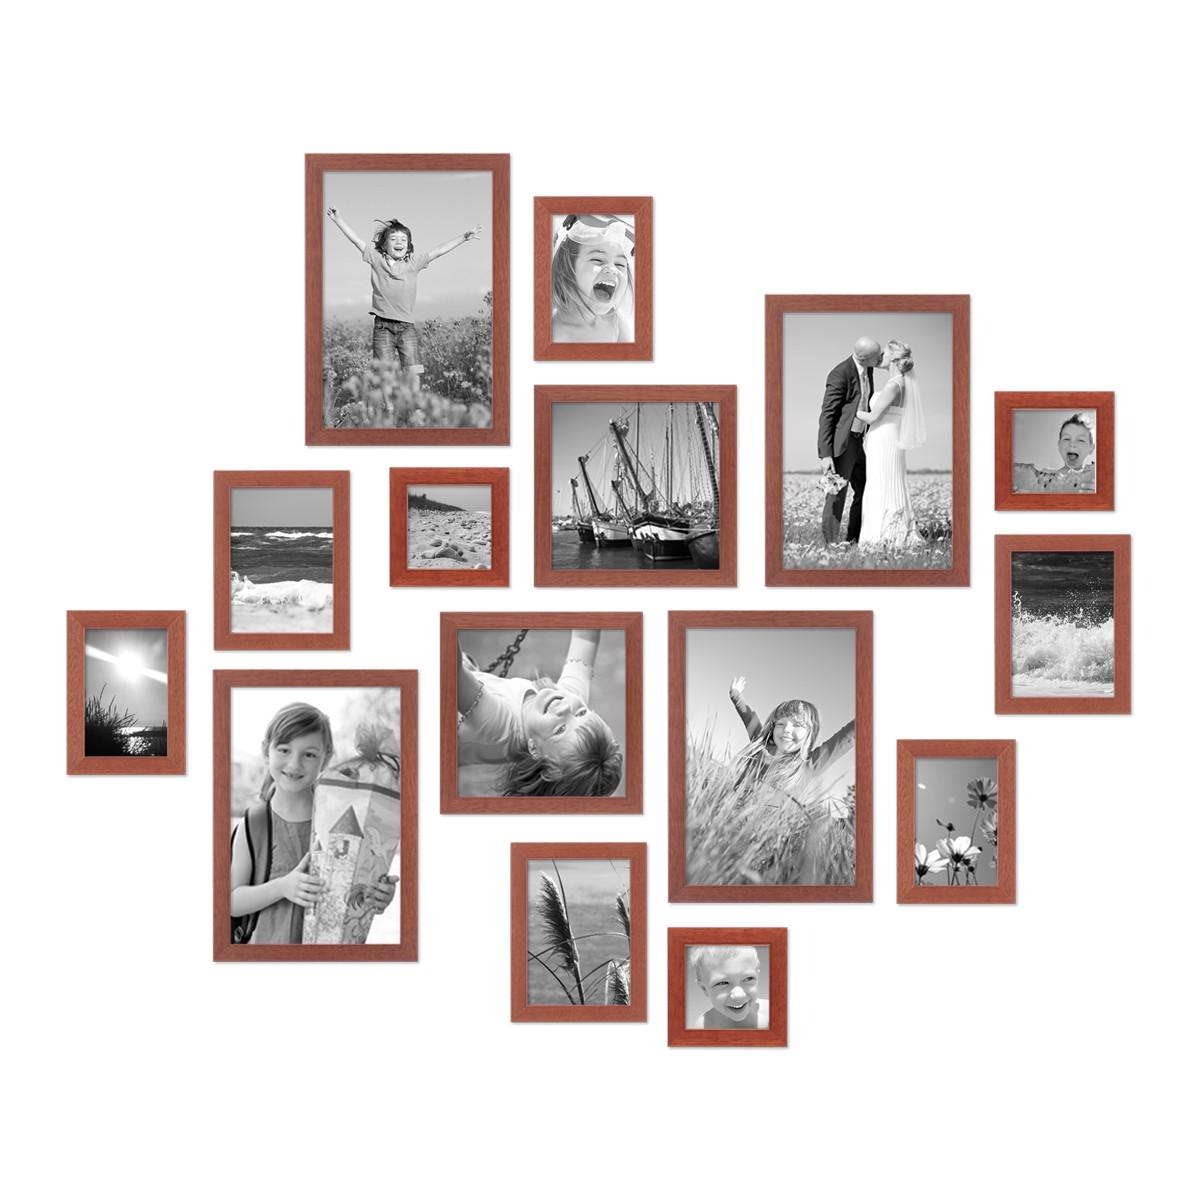 15er set bilderrahmen modern kirsche massivholz 10x15 bis 20x30 cm inklusive zubeh r zur. Black Bedroom Furniture Sets. Home Design Ideas